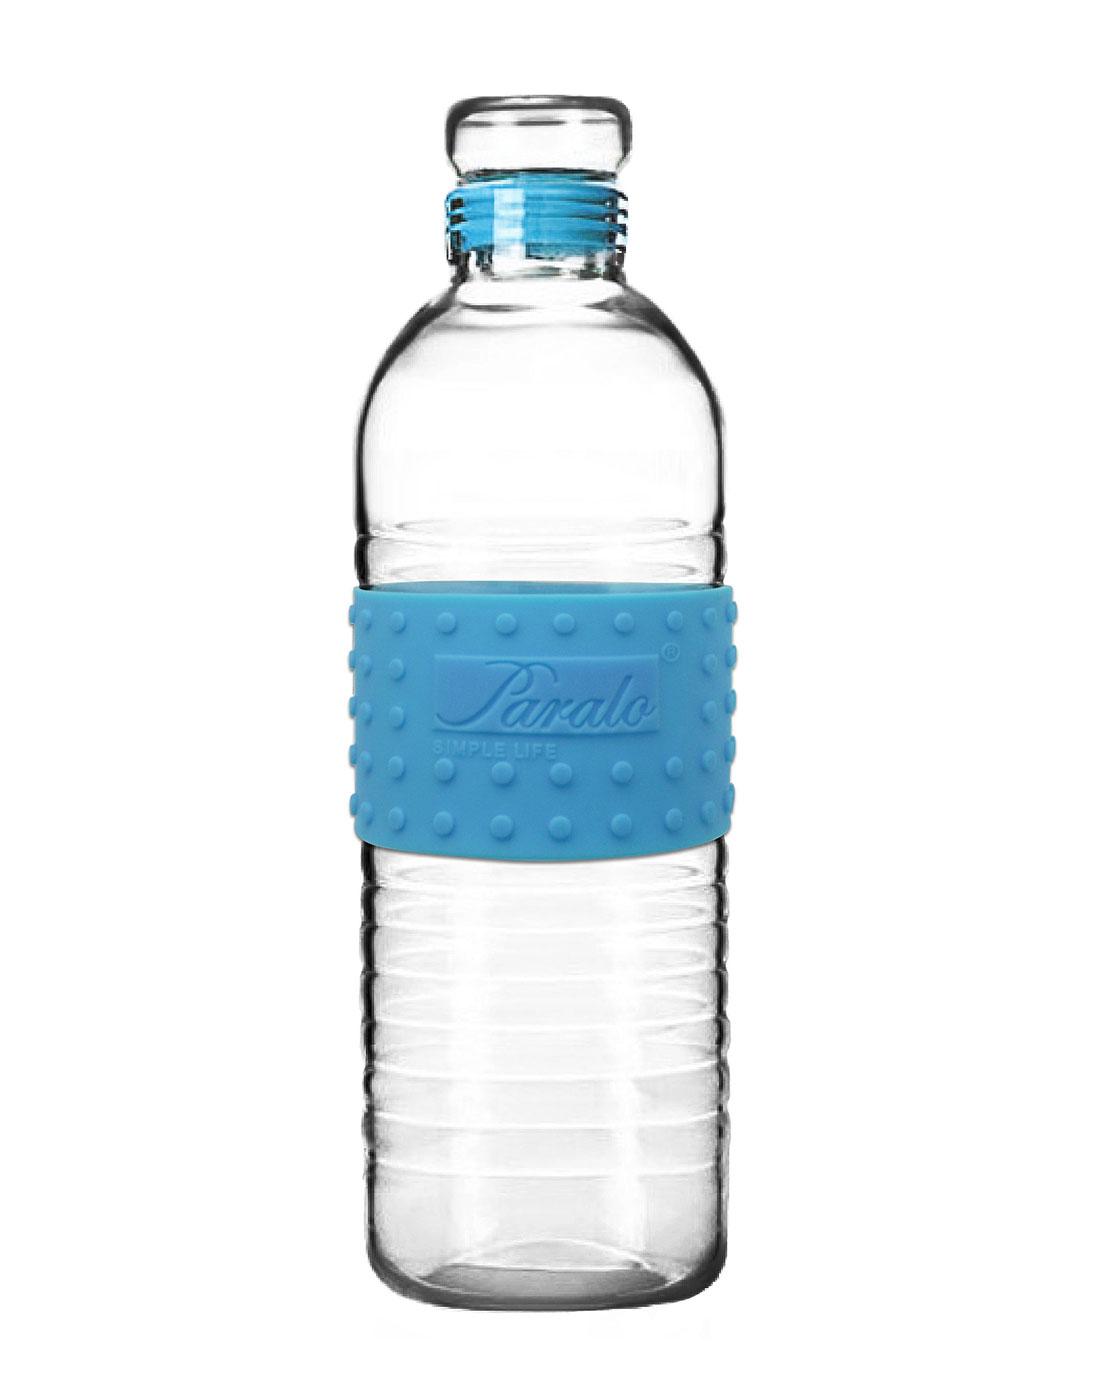 威尼斯系列五彩矿泉水瓶